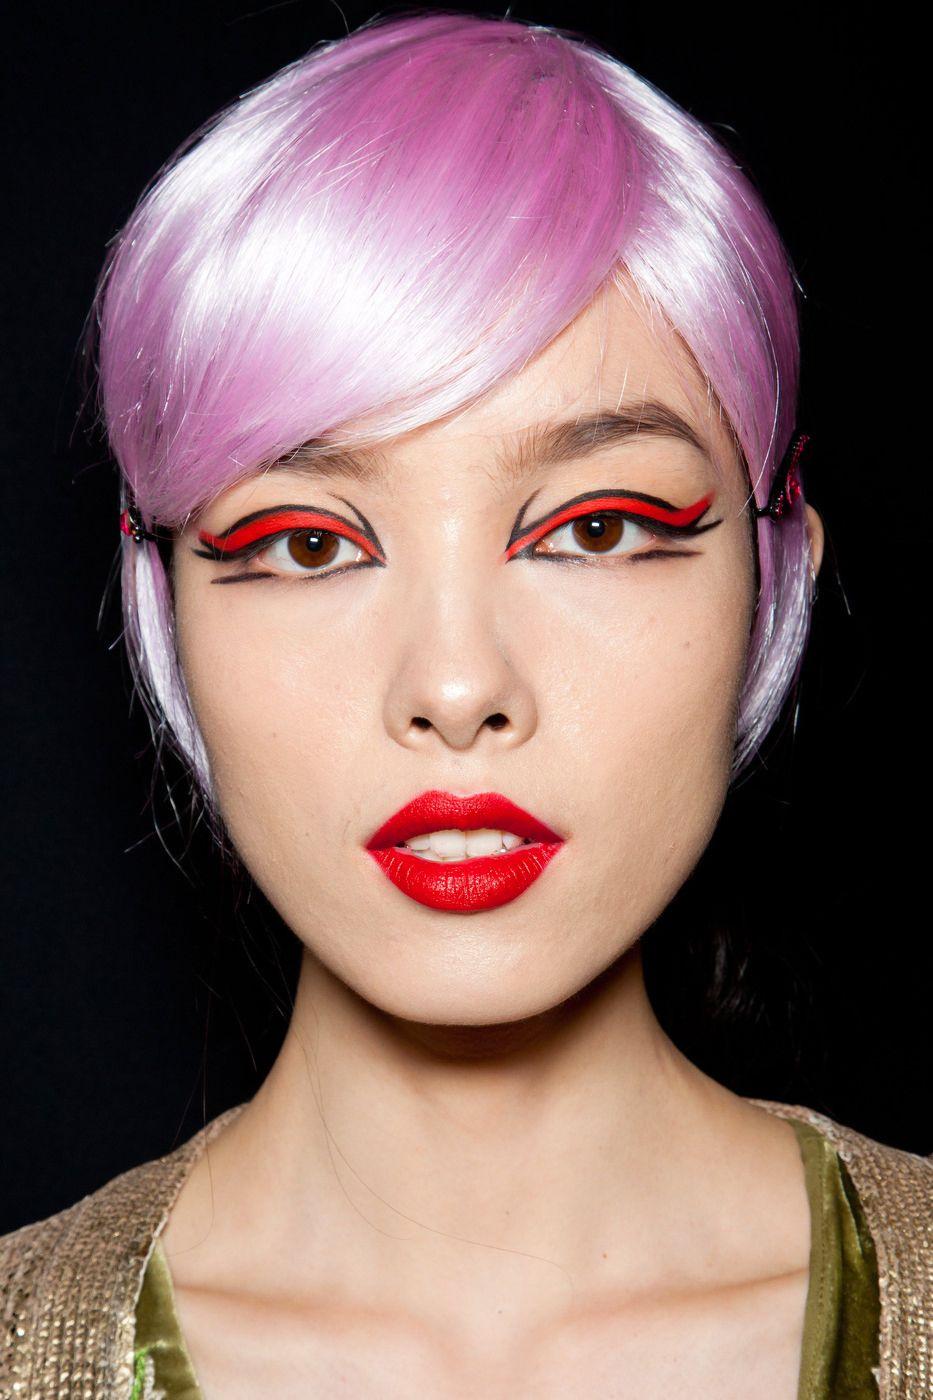 cool eyes Hair makeup, Makeup looks tutorial, Cool